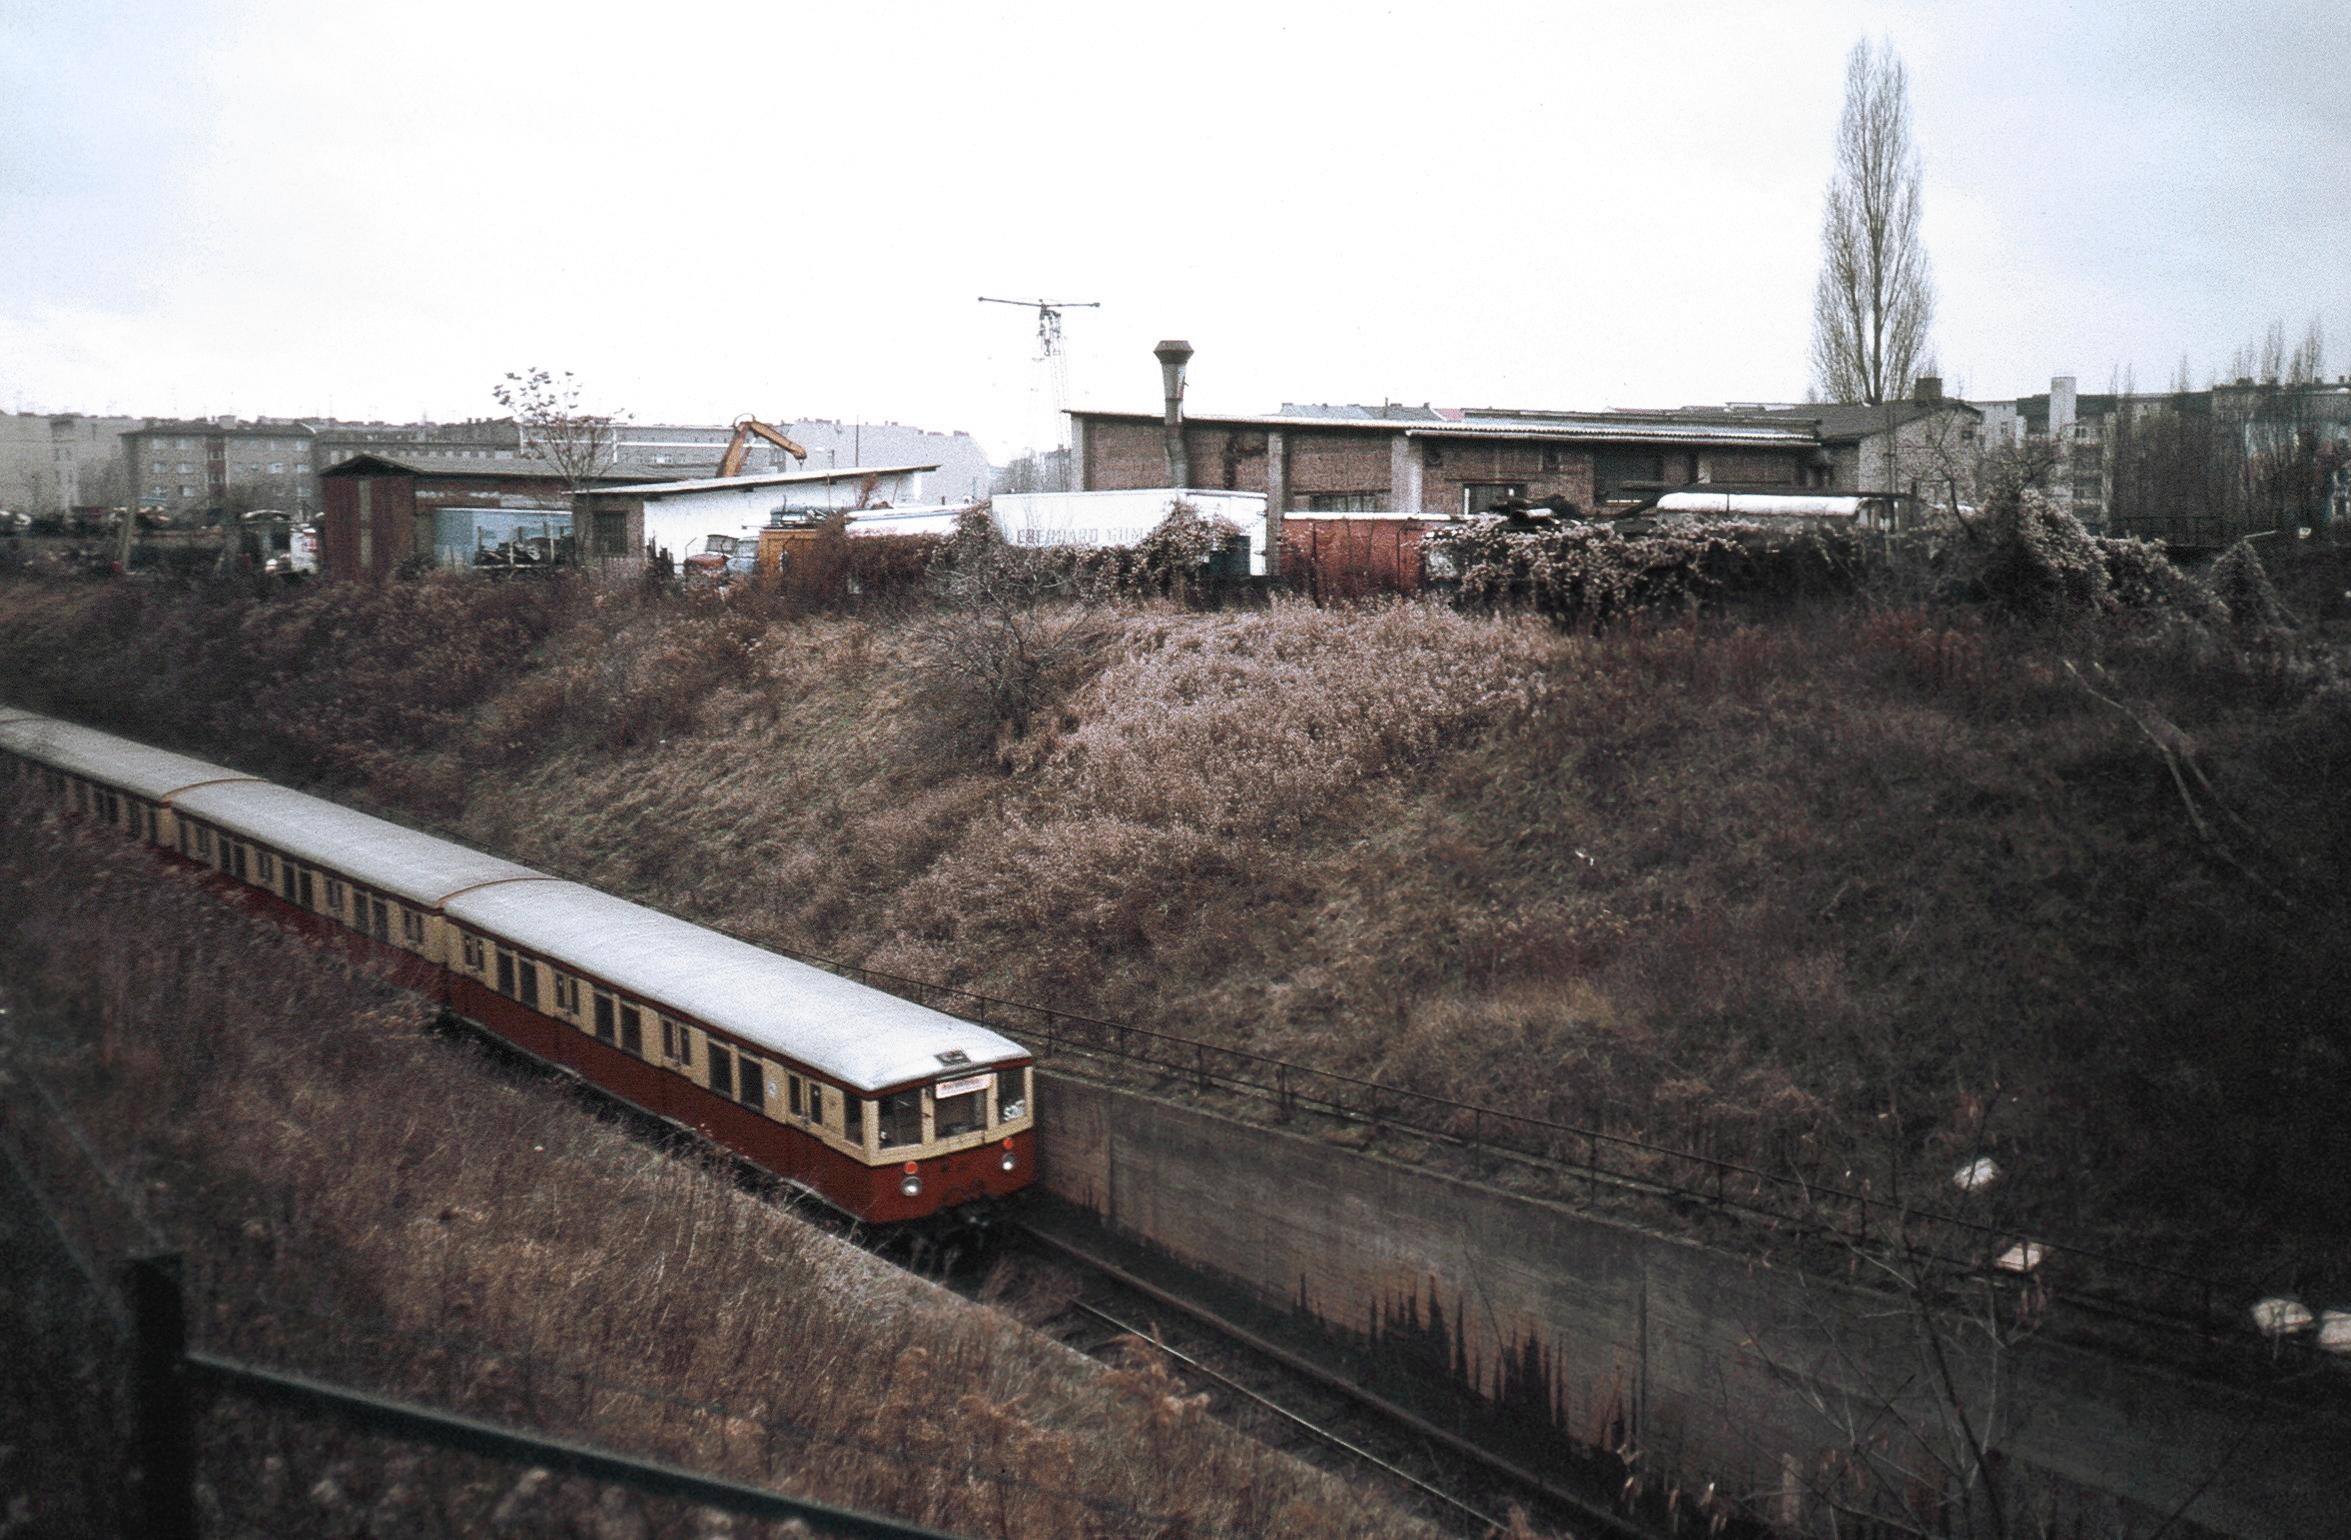 S-Bahn-Zug der Baureihe 275 der BVG auf der Rampe zur Anhalter und Dresdener Bahn, 1987